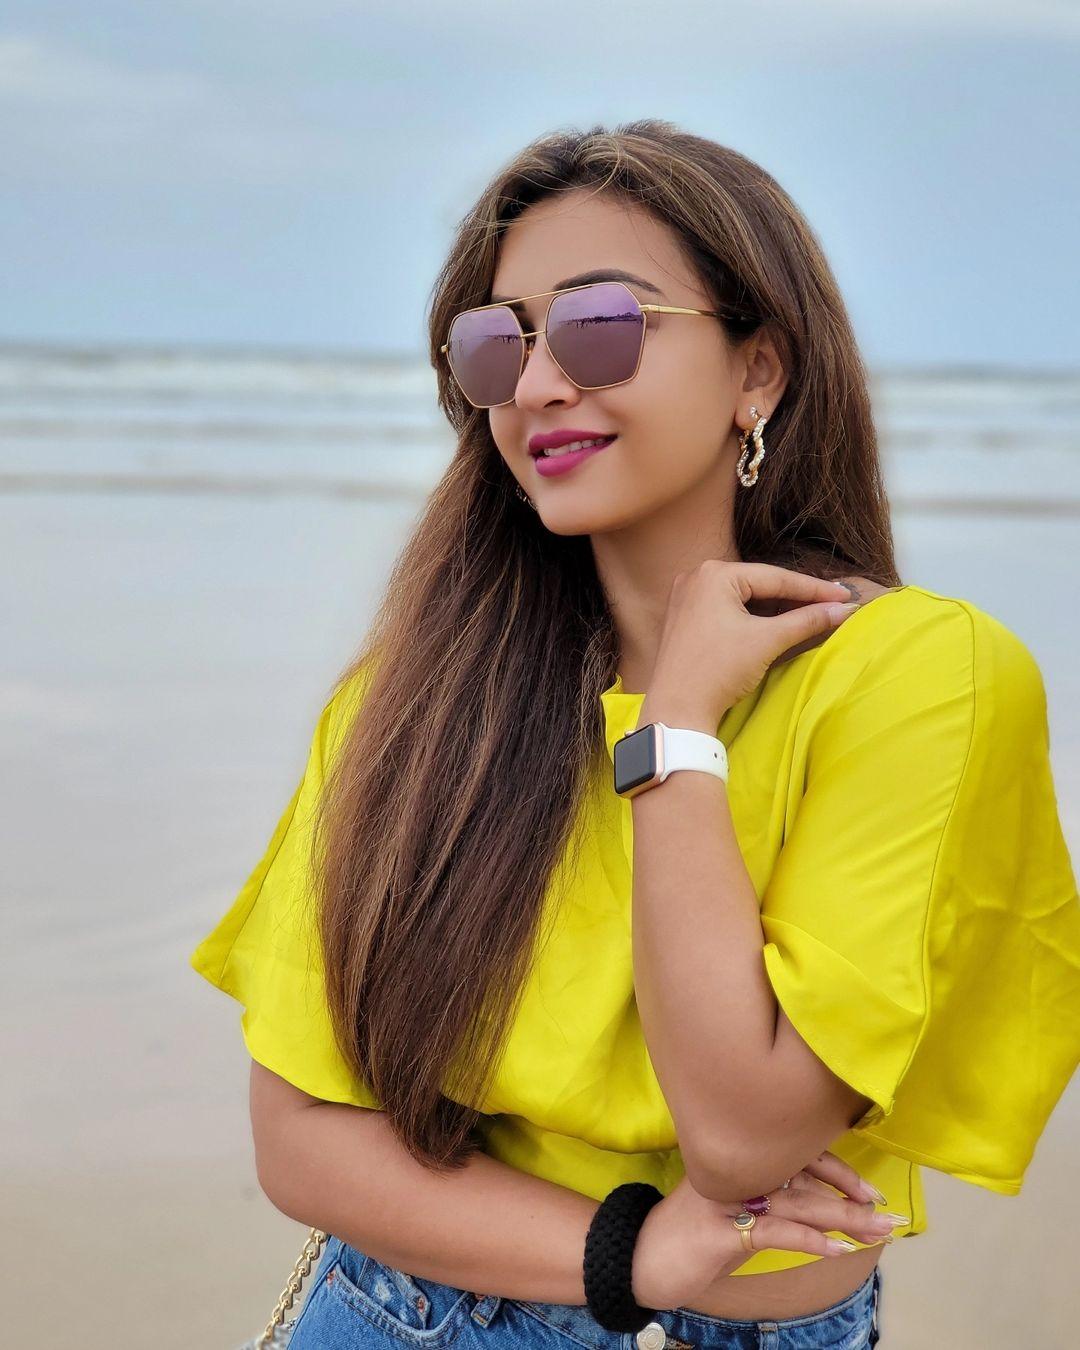 বাংলাদেশের সিনেমায় অভিনয় করতে যাচ্ছেন অভিনেত্রী কৌশানী। নাম 'পিয়া রে'। প্রযোজনা সংস্থা শাপলা মিডিয়া ইন্টারন্যাশনাল।